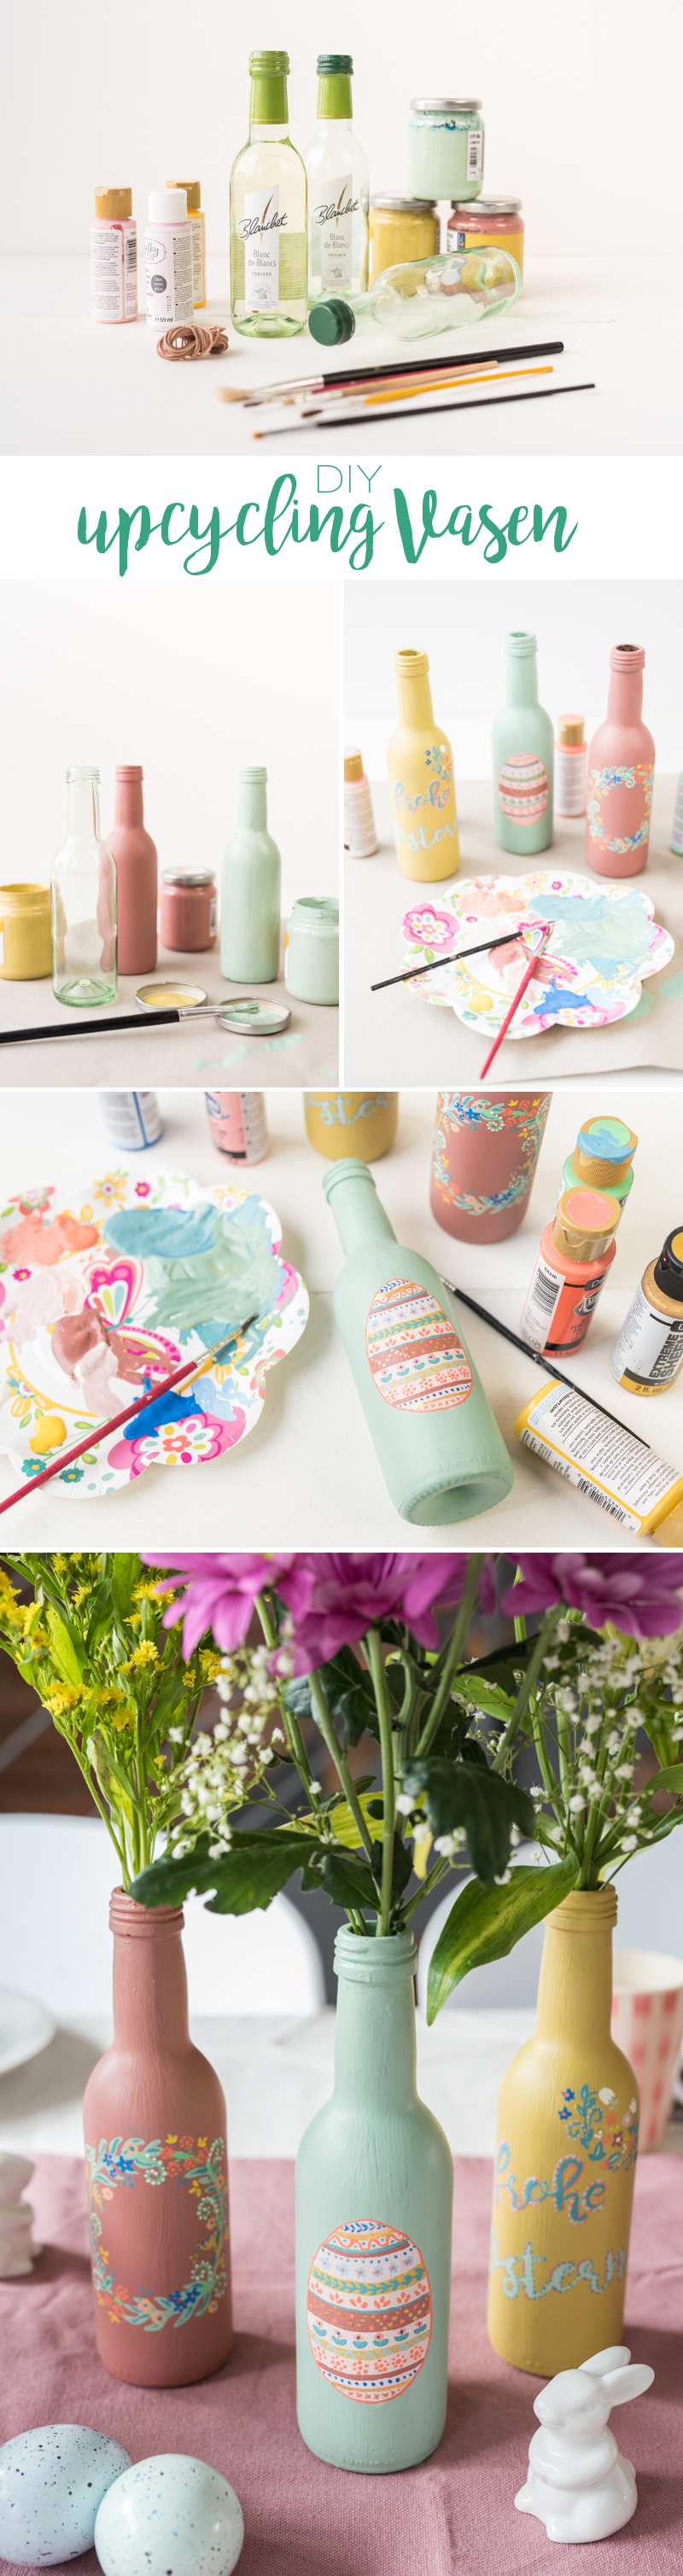 DIY Anleitung für selbstgemachte upcycling Vasen aus Weinflaschen in Pastellfarben als Tischdeko zu Ostern